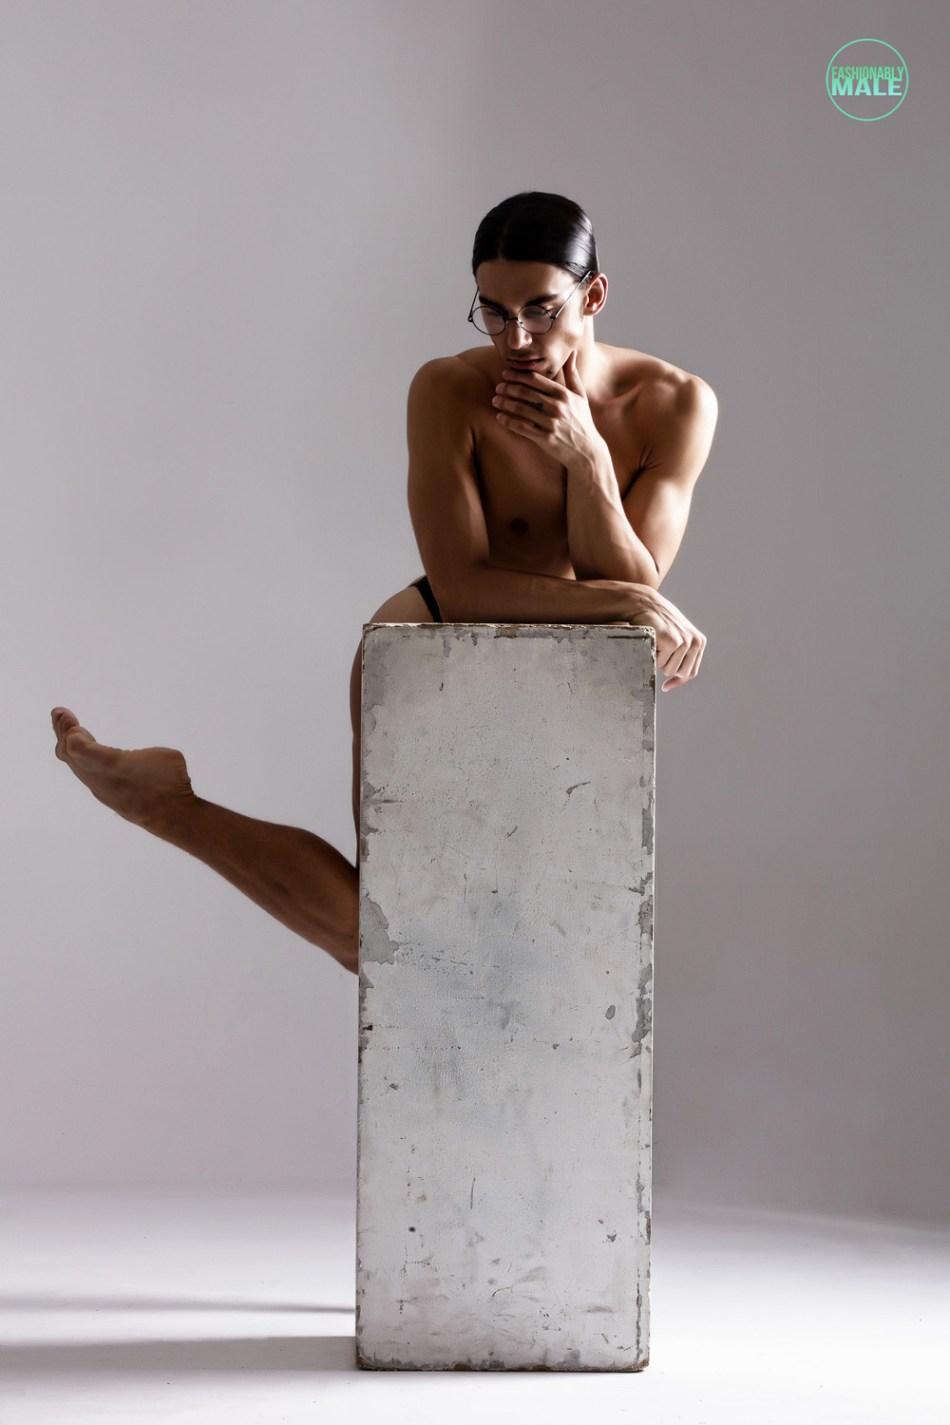 Mihael Belilov by Joan Crisol for Fashionably Male5